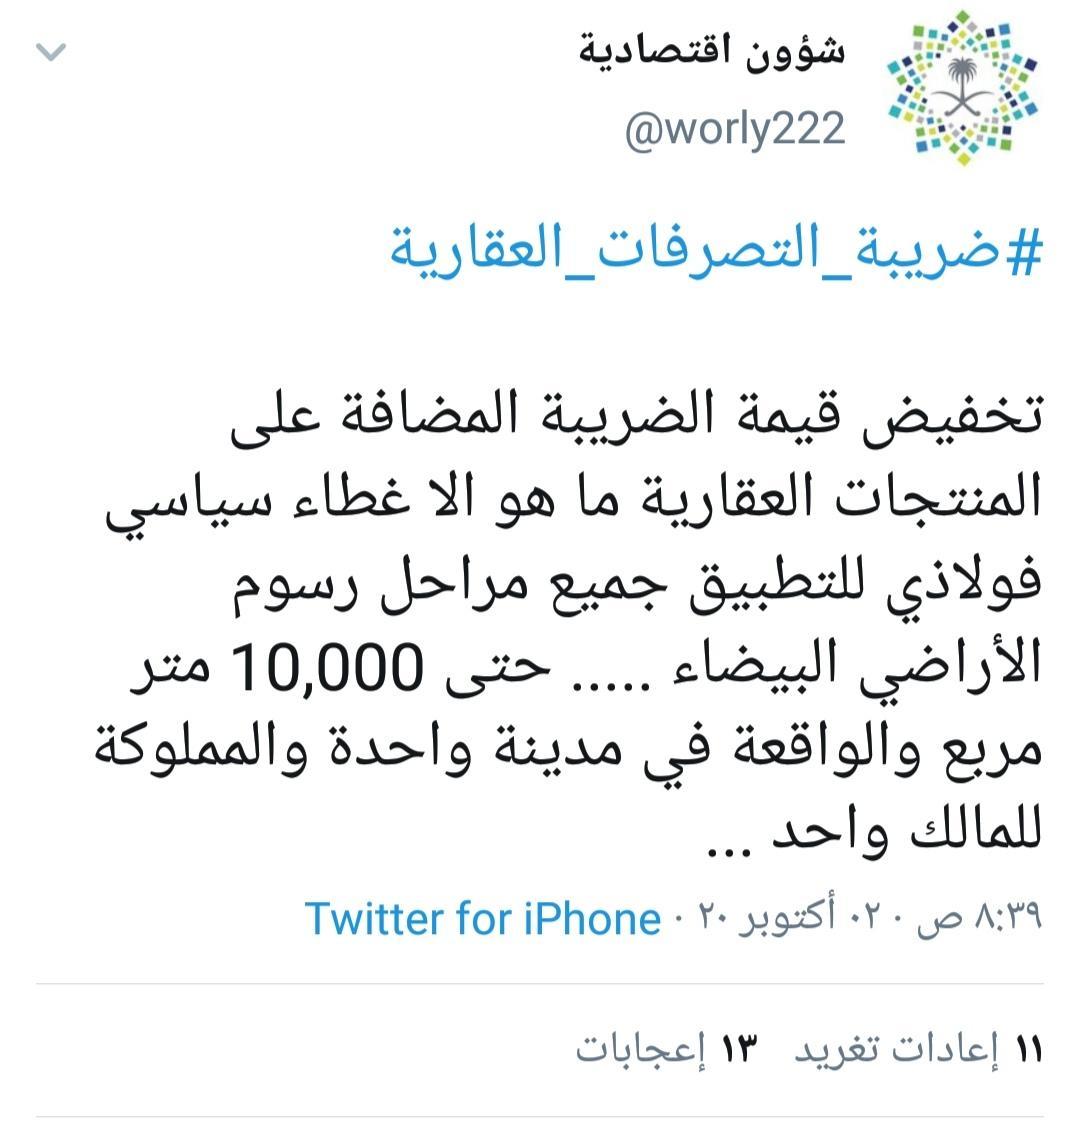 رد: تغيير اسعار الفلل والاراضي صباح اليوم الجمعه🔴